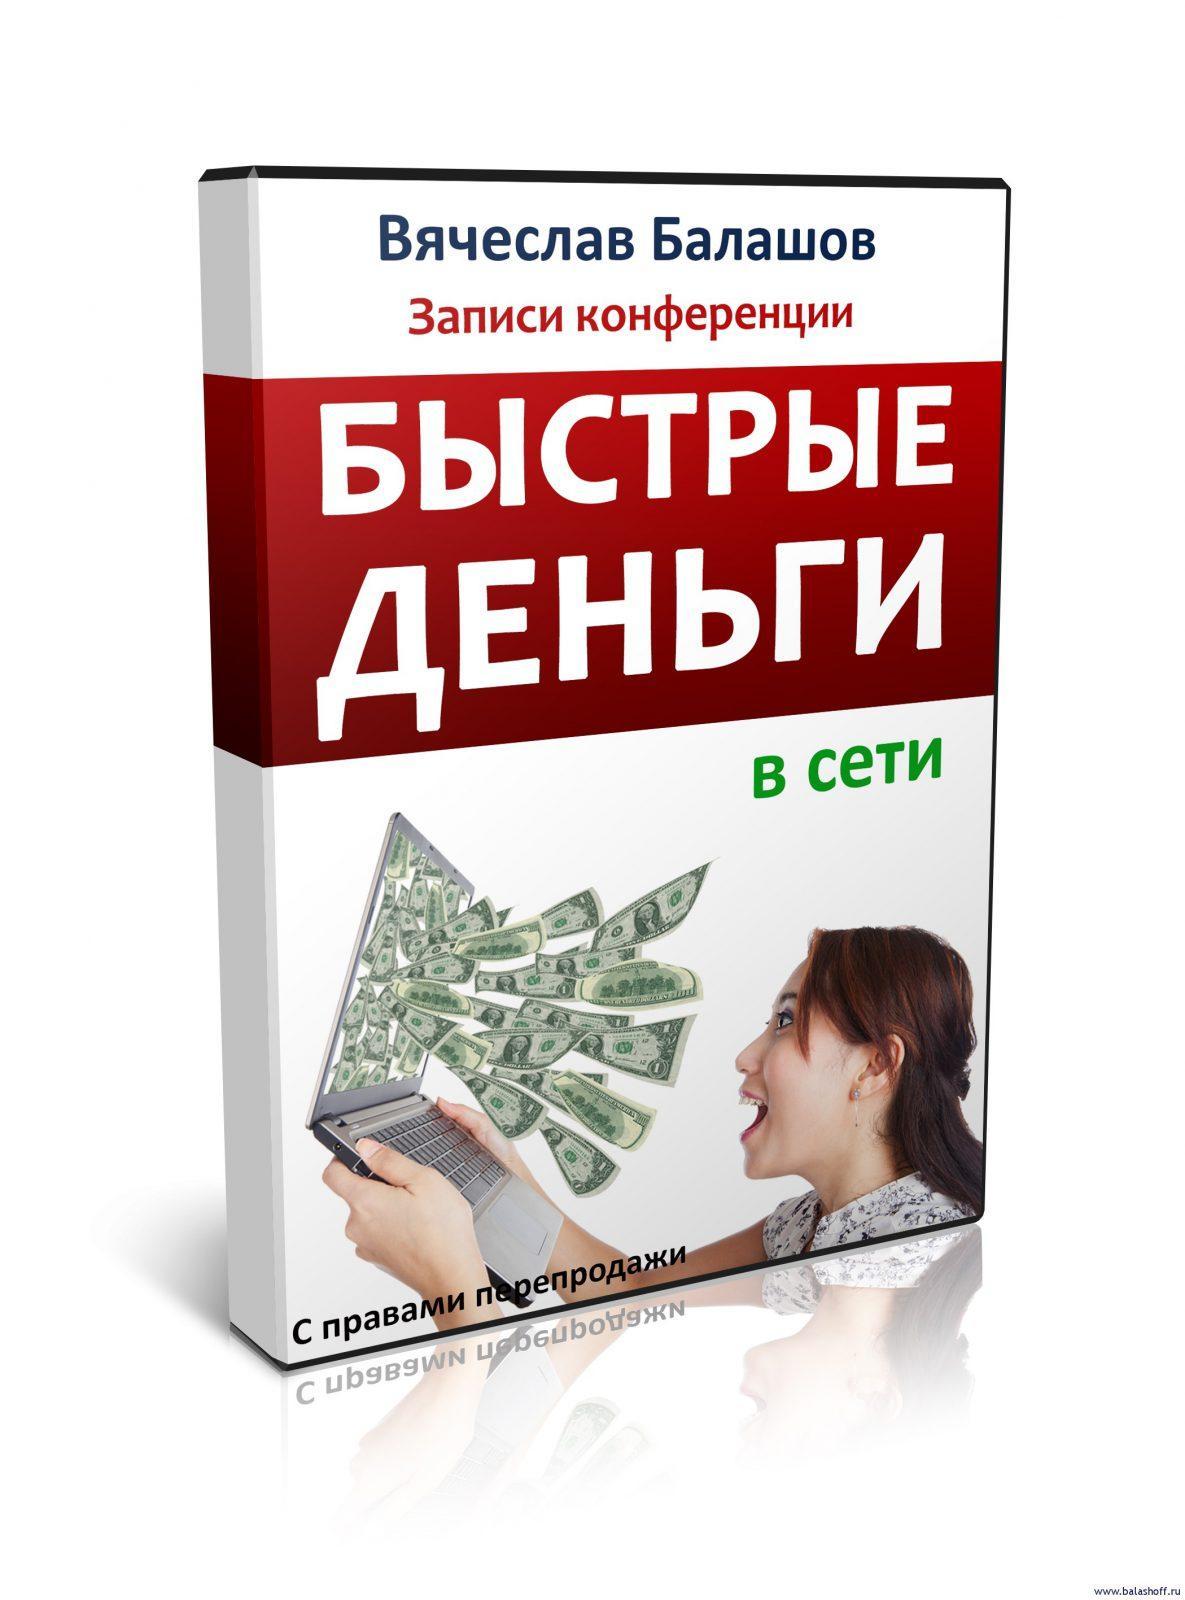 """Добро пожаловать на конференцию """"Быстрые деньги в сети"""""""